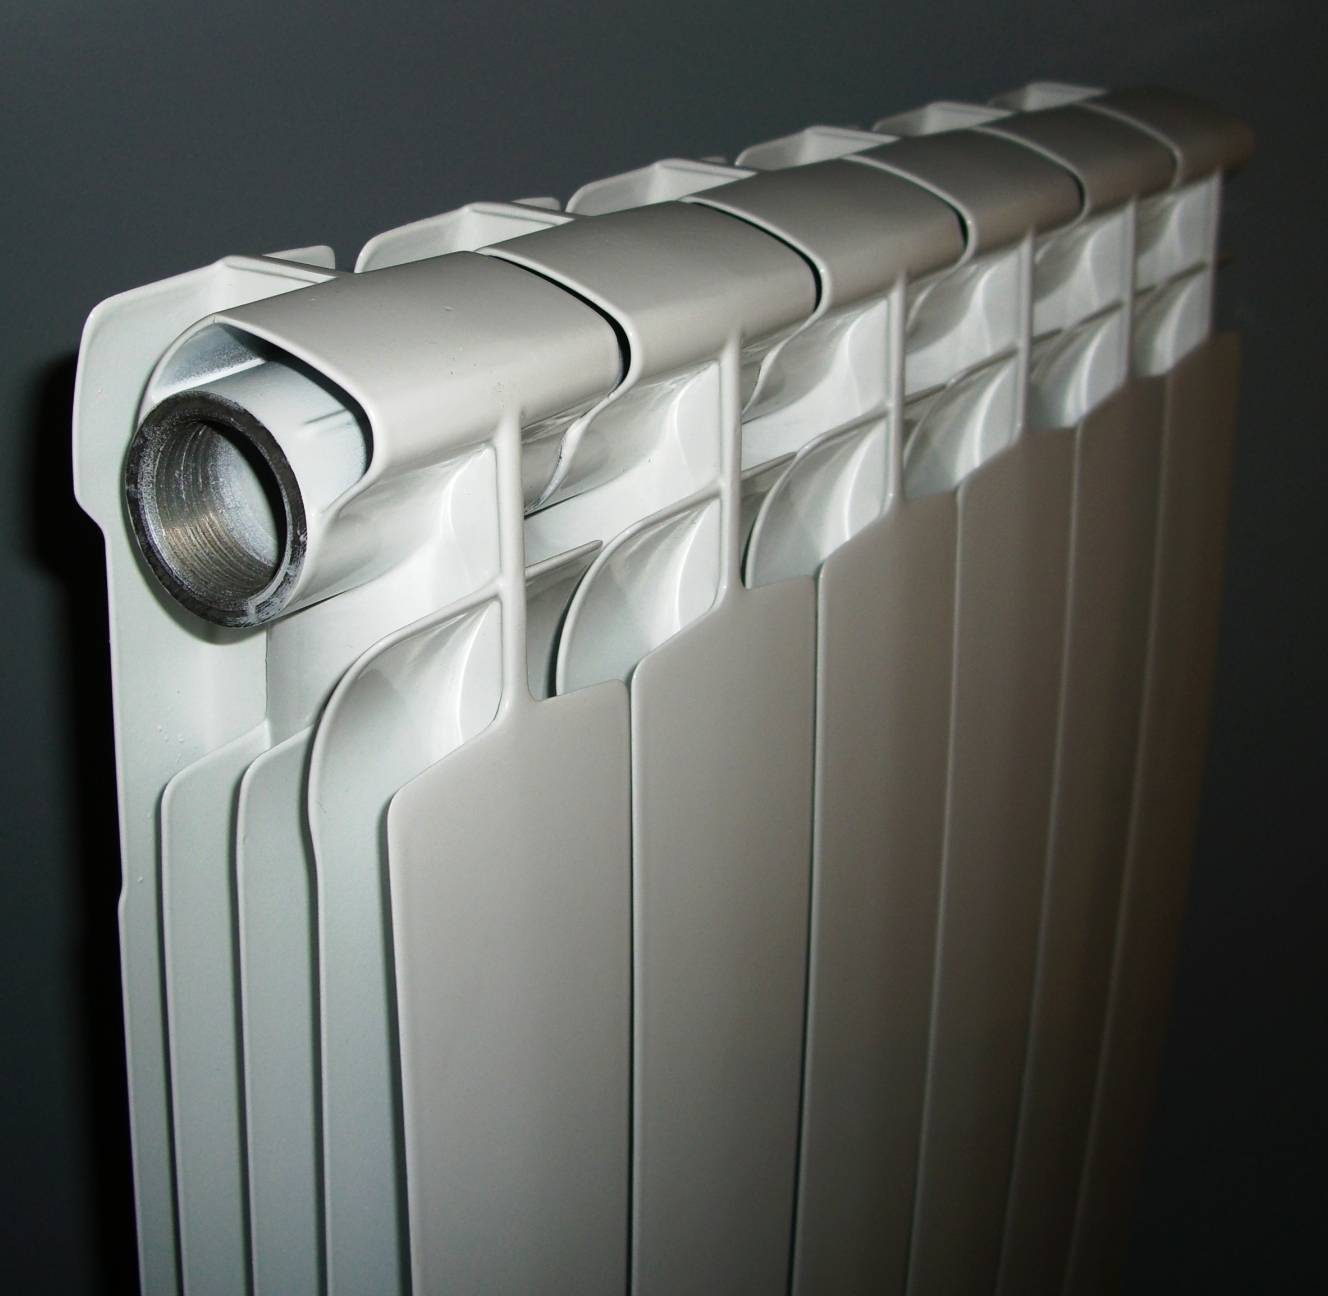 Какие биметаллические радиаторы лучше для отопления квартиры? выбираем хорошую фирму производителя батарей